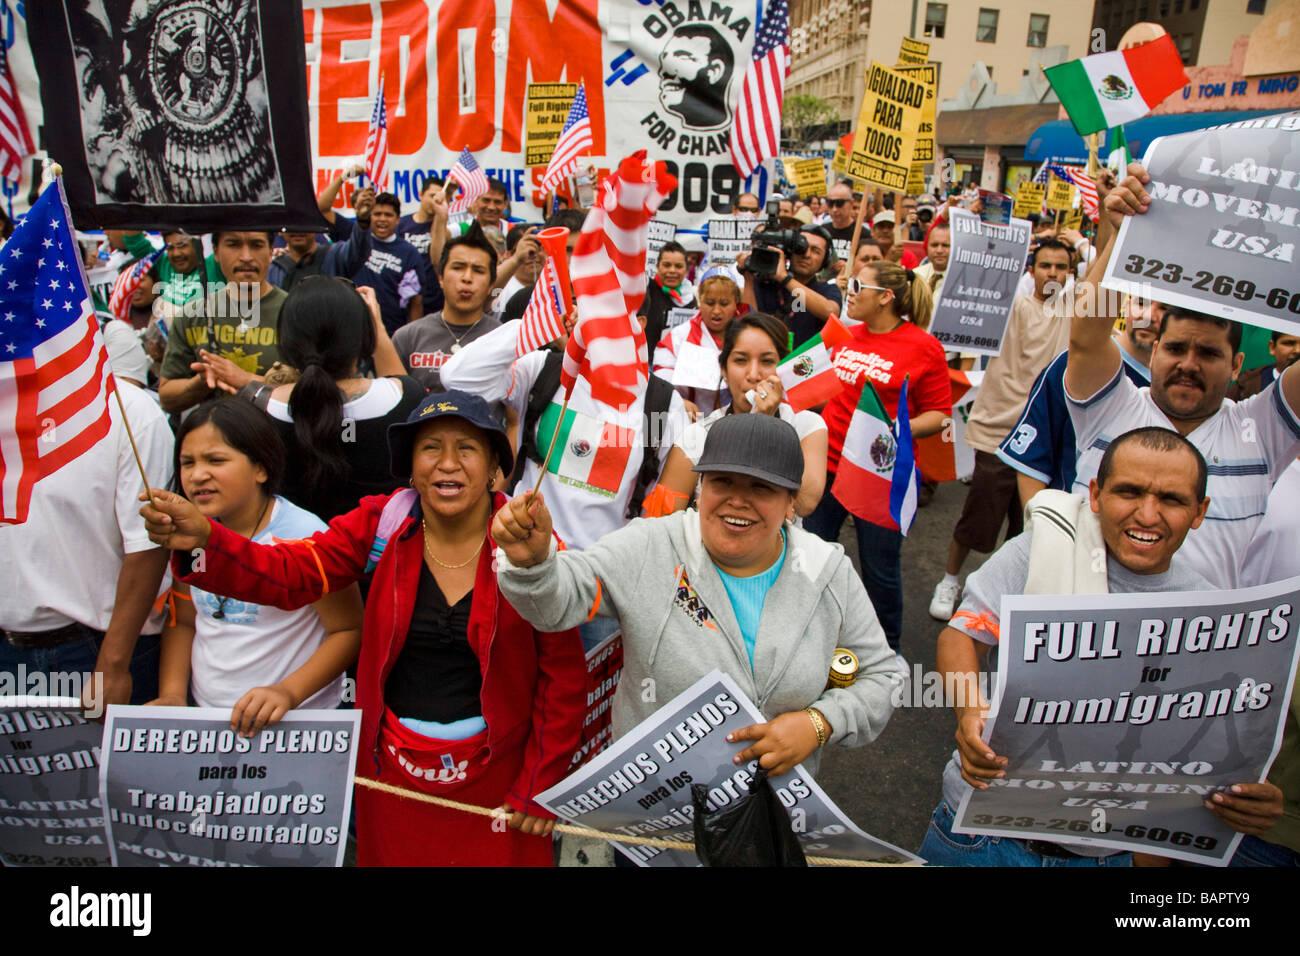 Può protestare il giorno 1 maggio 2009 presso Olympic Blvd e Broadway Los Angeles California Stati Uniti d'America Immagini Stock